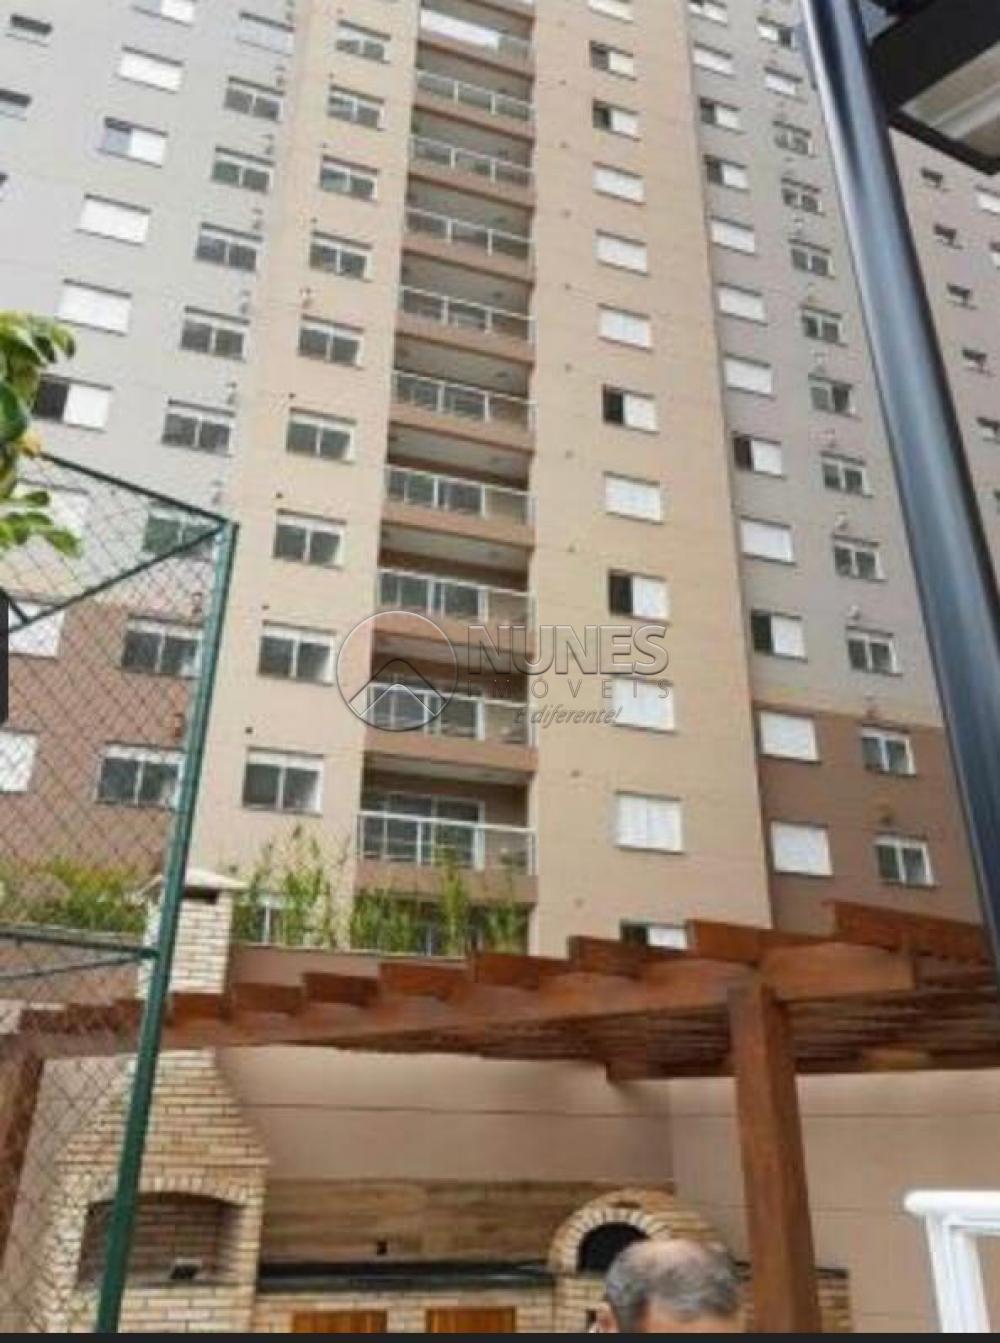 Comprar Apartamento / Padrão em Osasco apenas R$ 300.000,00 - Foto 1